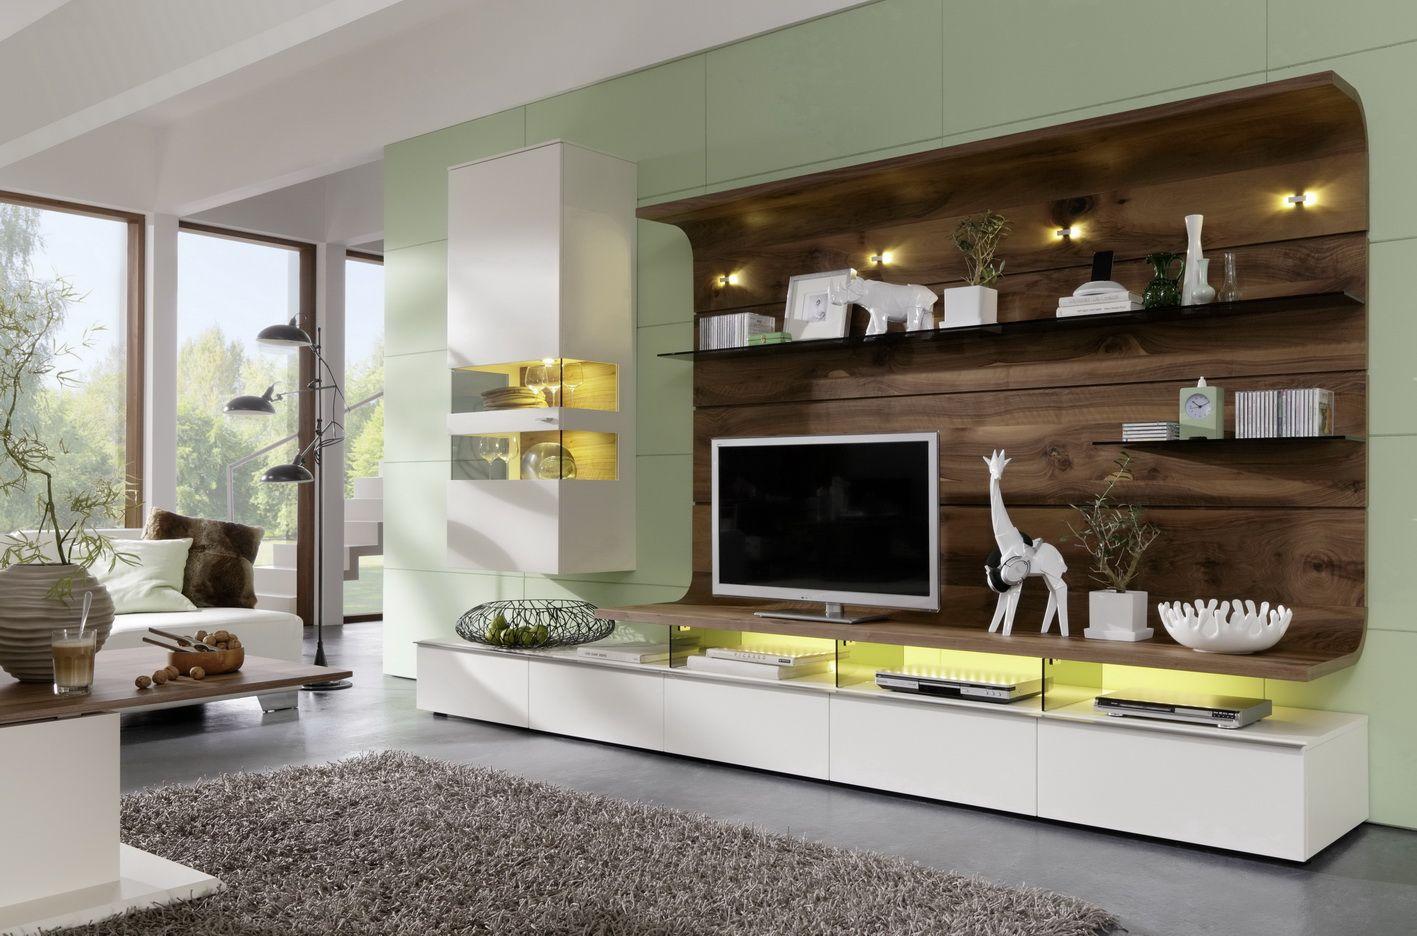 Innendesign Wohnzimmer ~ Möbel #madeingermany #furniture #gwinner #wohndesign #design